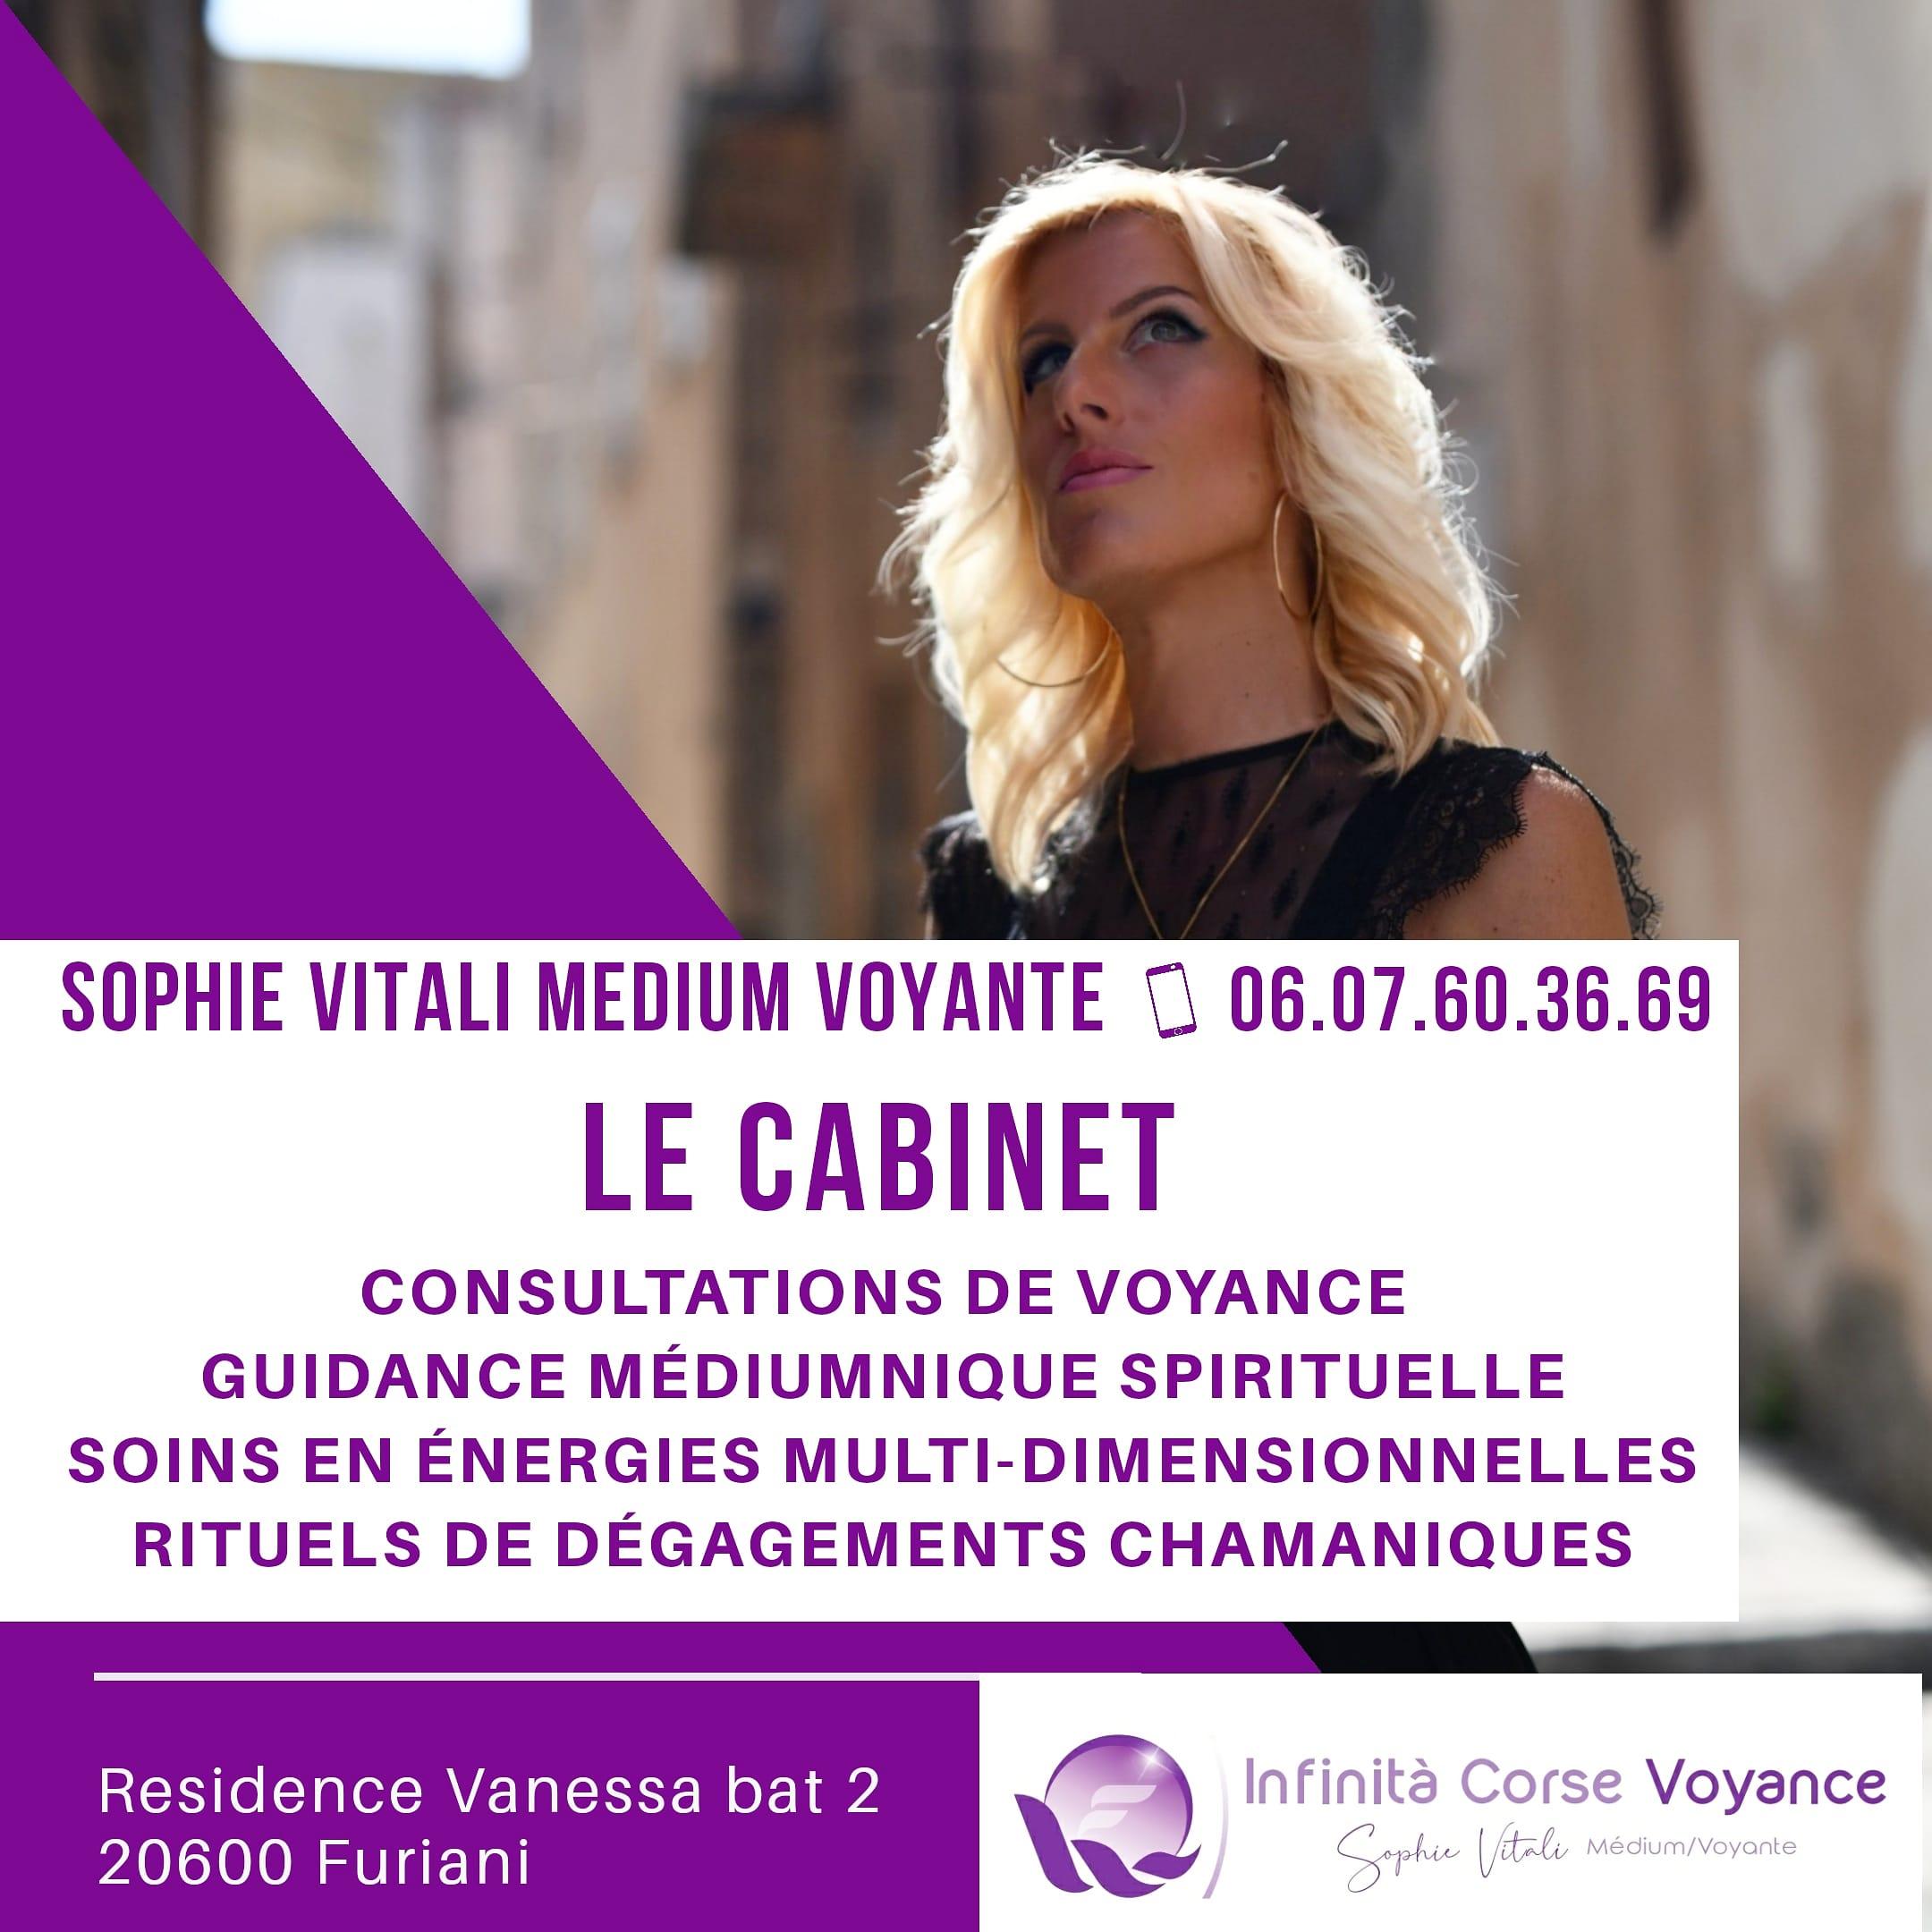 Le cabinet de voyance en Corse